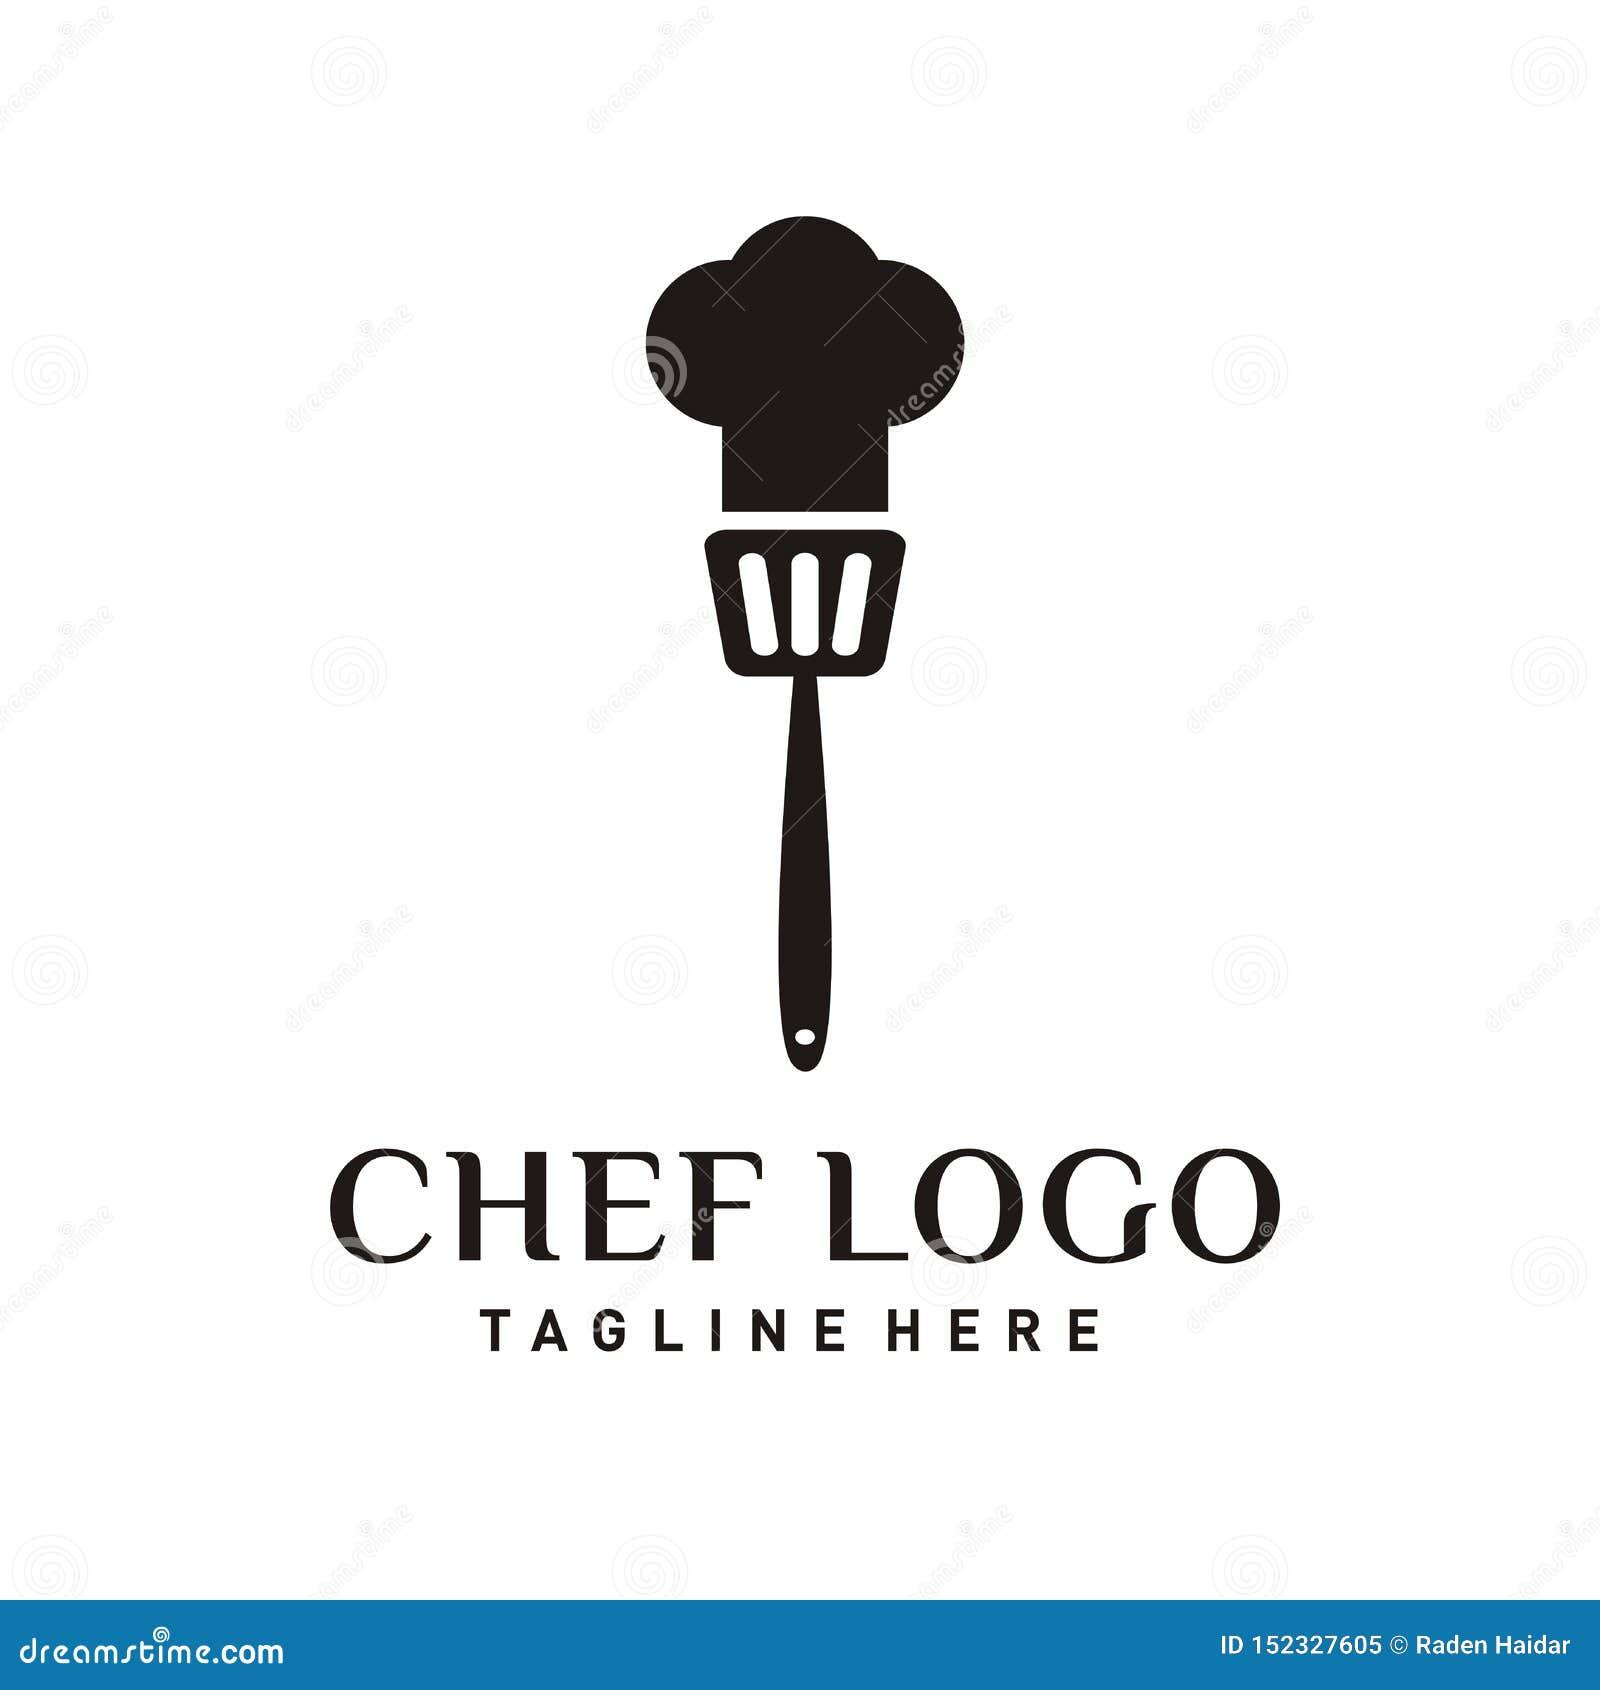 Дизайн логотипа ресторана или значок шеф-повара